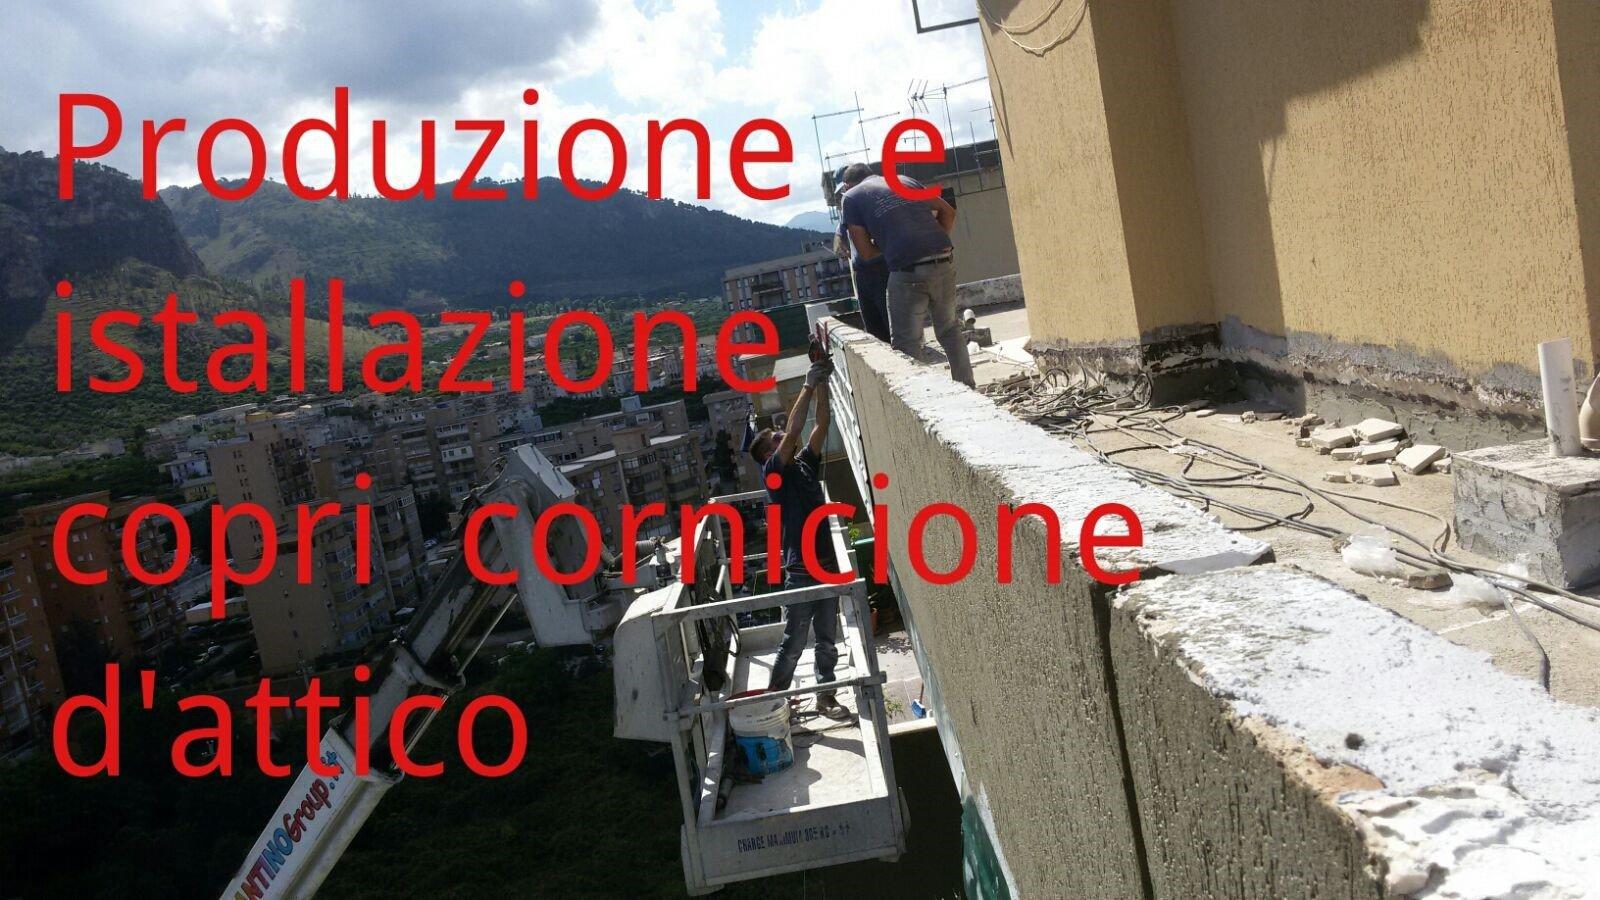 Produzione ed installazione copri cornicione attico